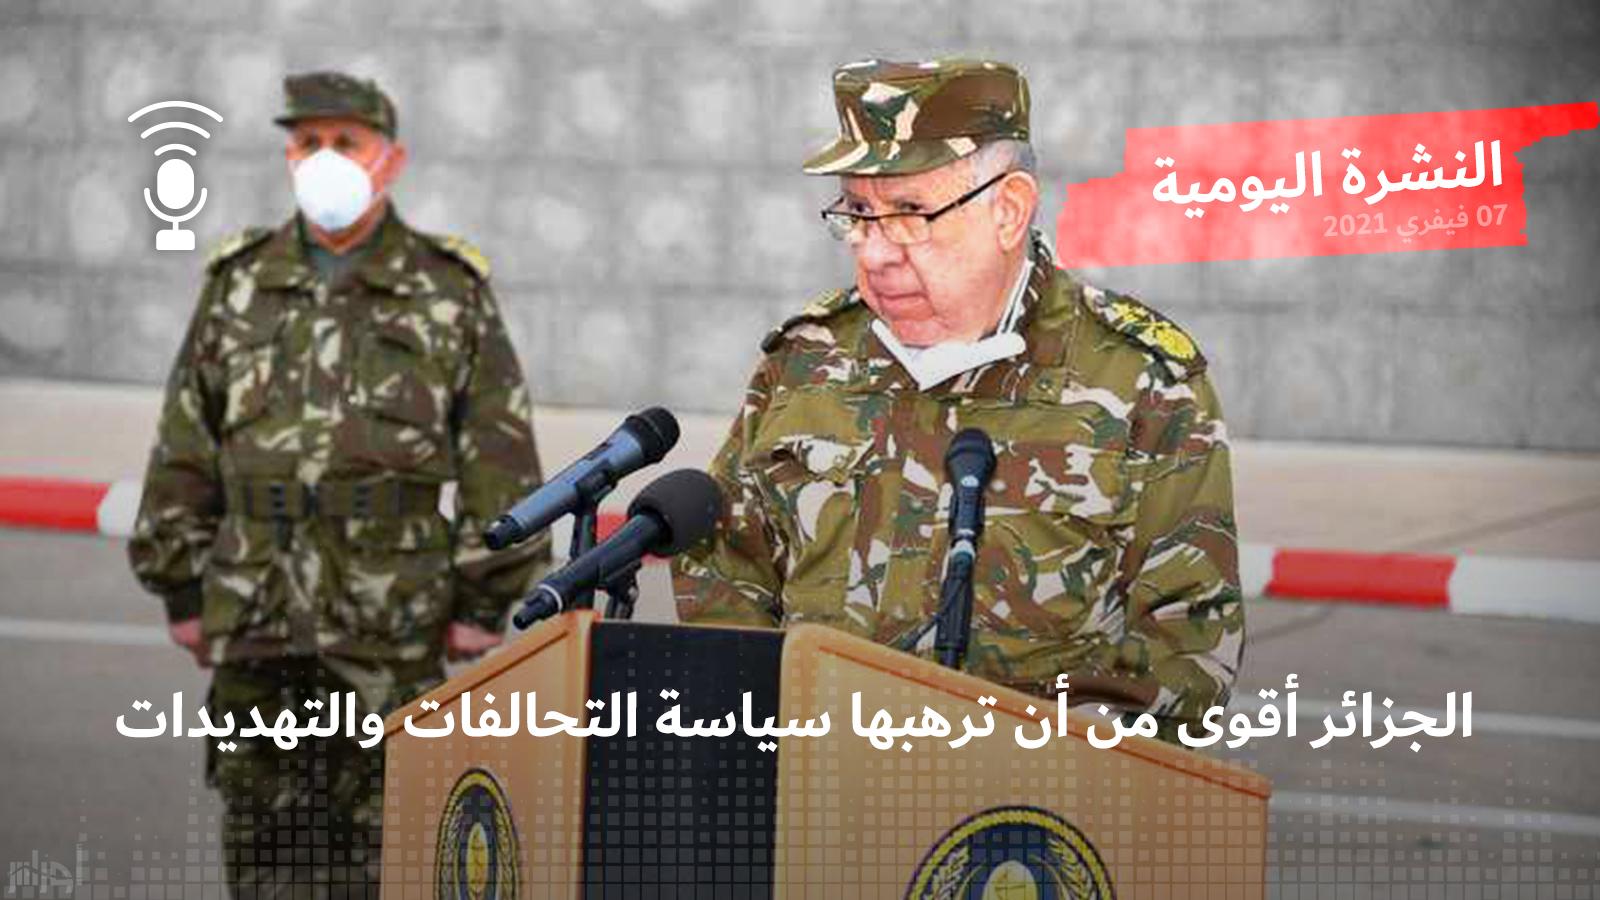 النشرة اليومية: الجزائر أقوى من أن ترهبها سياسة التحالفات والتهديدات